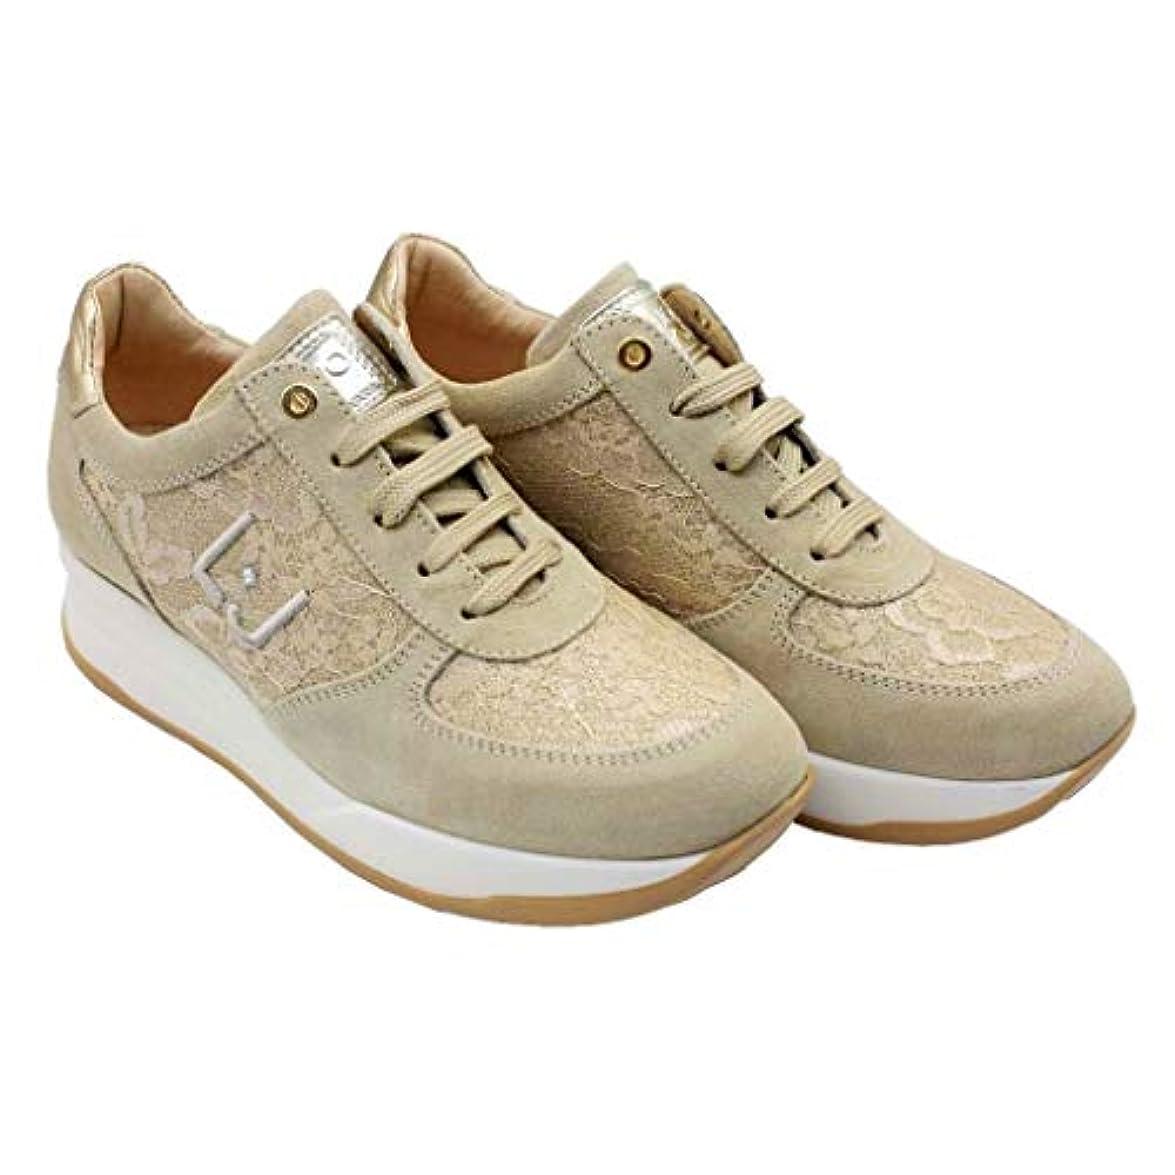 Liu Jo Girl L4a4 20379 0493x105 Beige Sneakers Scarpe Donna Calzature Comode